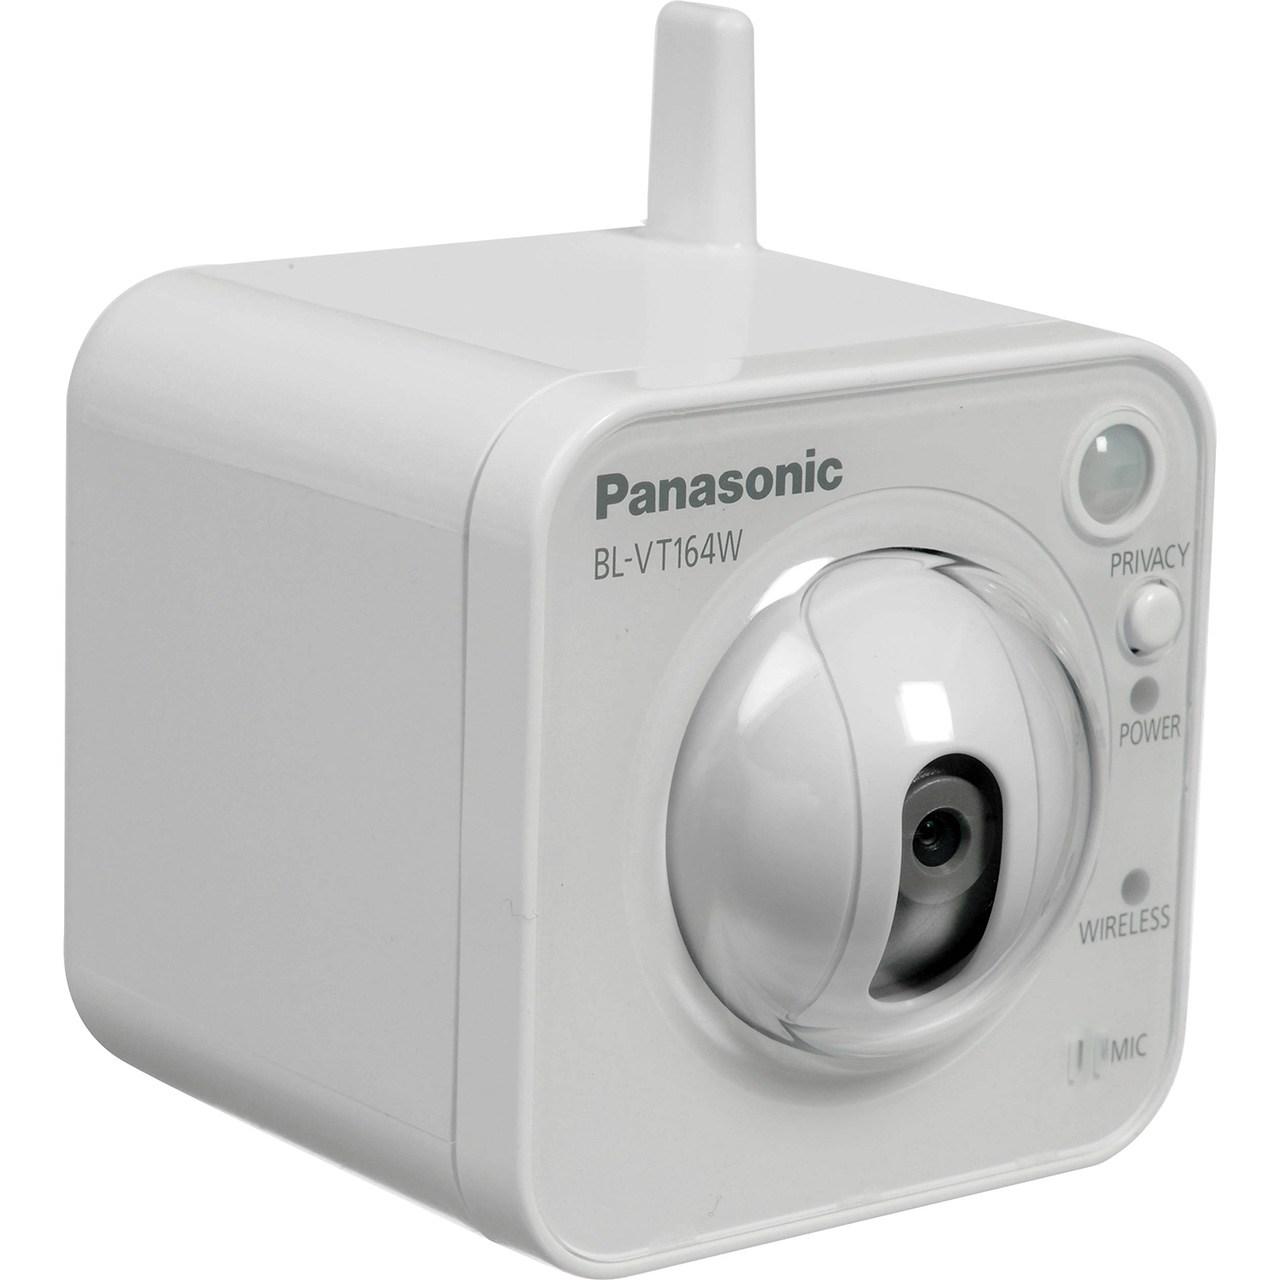 دوربین تحت شبکه پاناسونیک مدل BL-VT164WE